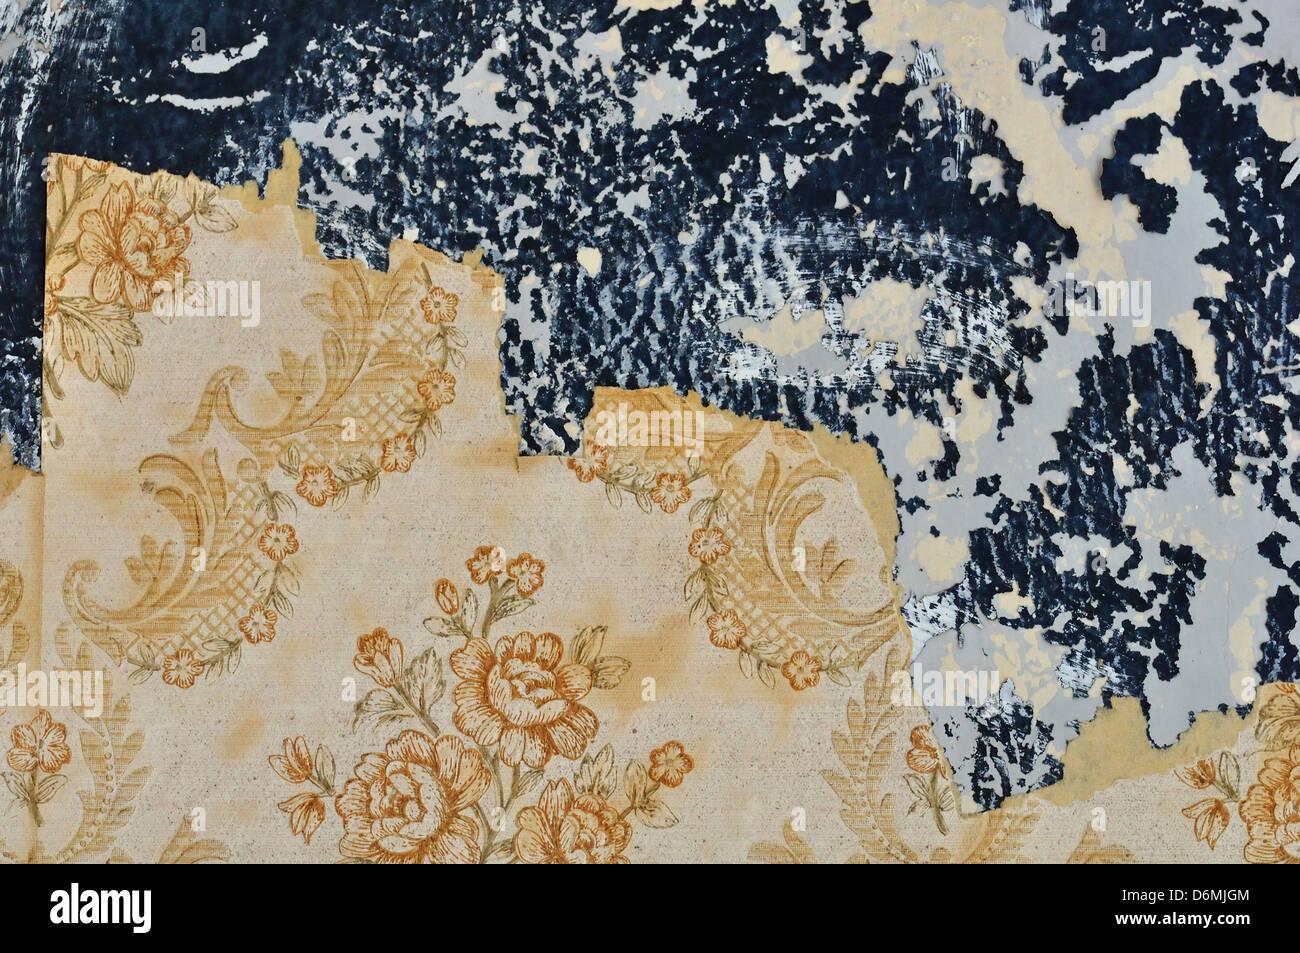 Florale Muster Tapete Auf Abblätternde Farbe Wand Gerissen. Grunge  Hintergrund. Stockbild